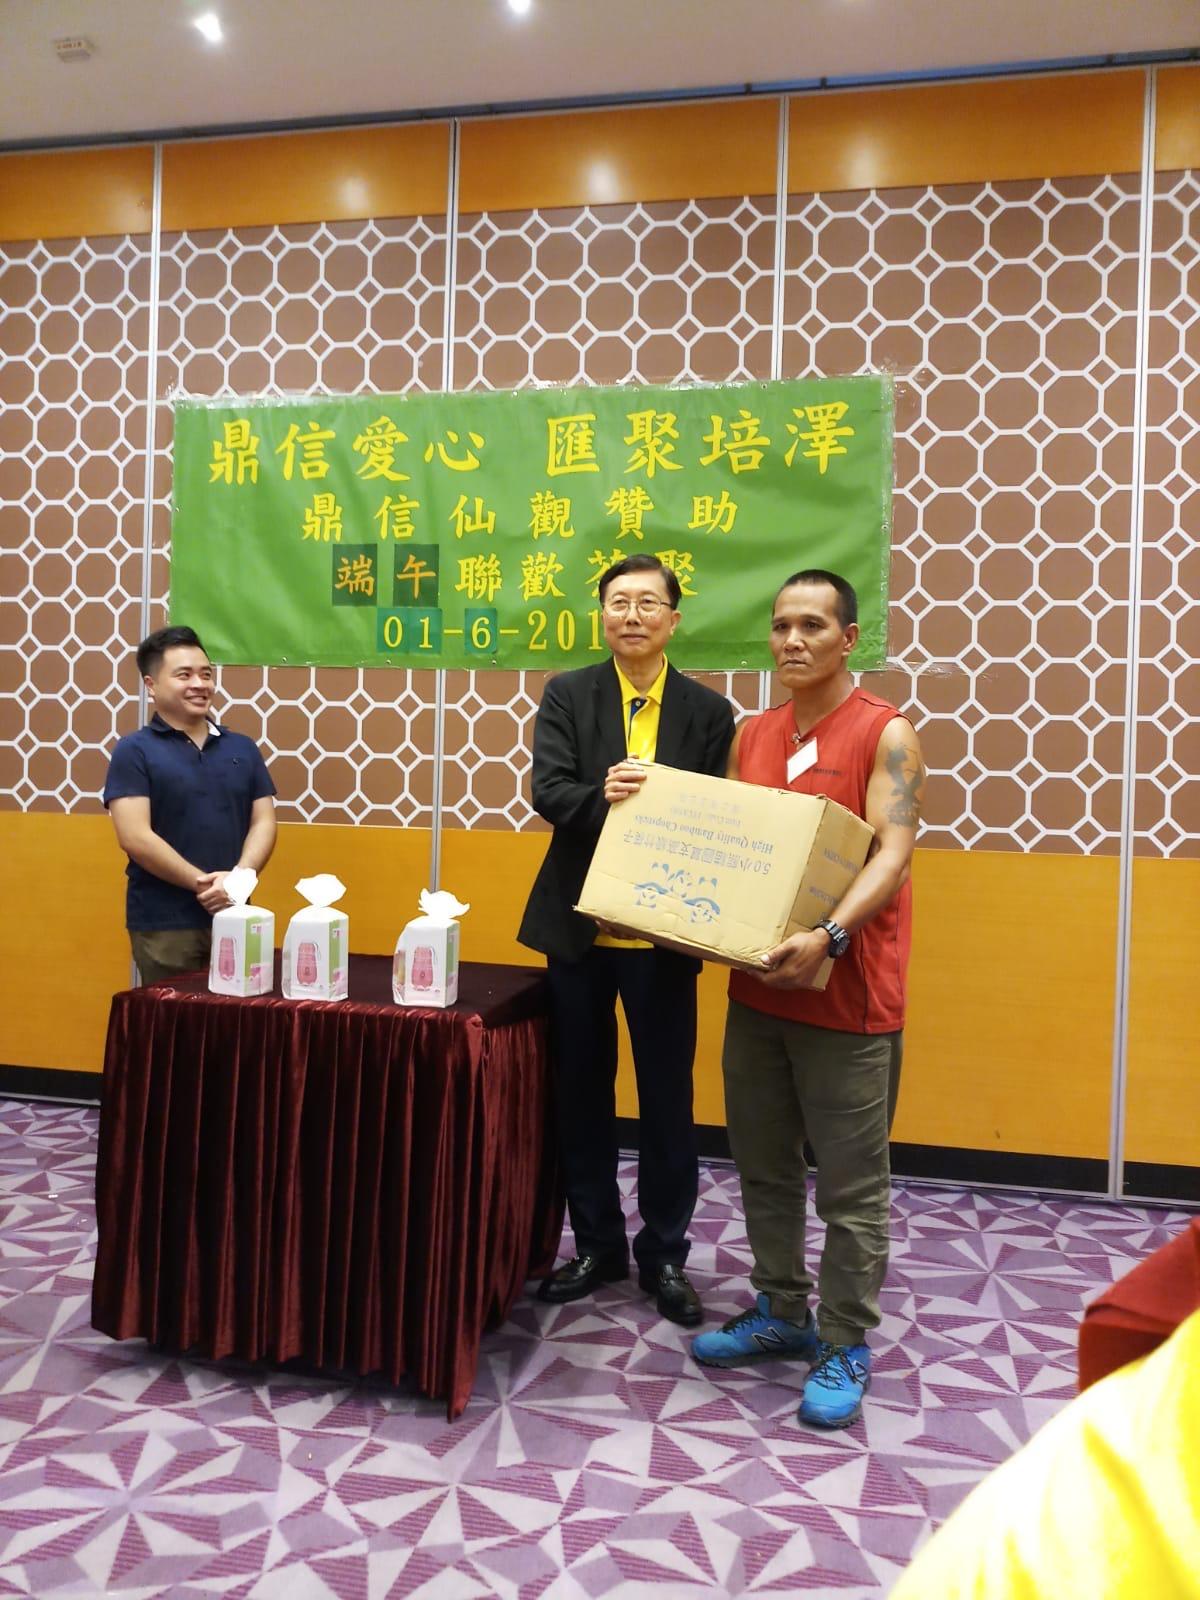 2019探訪培澤協進會之長者及弱智中心,舉辦端午茶聚2.JPG